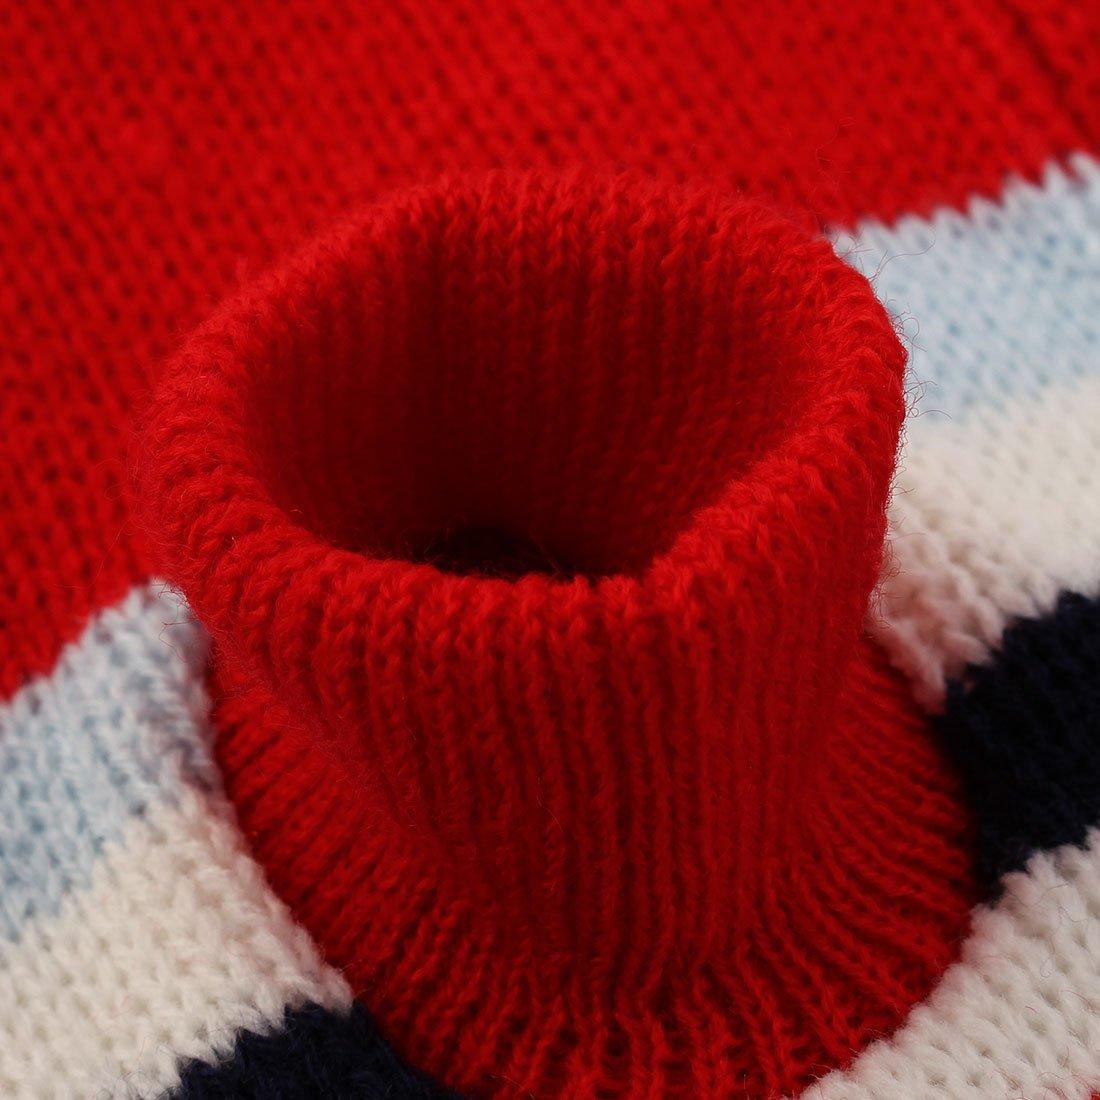 Amazon.com : eDealMax Invierno de Punto Caliente capa del suéter del patrón Raya de Lana del Animal doméstico ropa de época Chaqueta Ropa : Pet Supplies